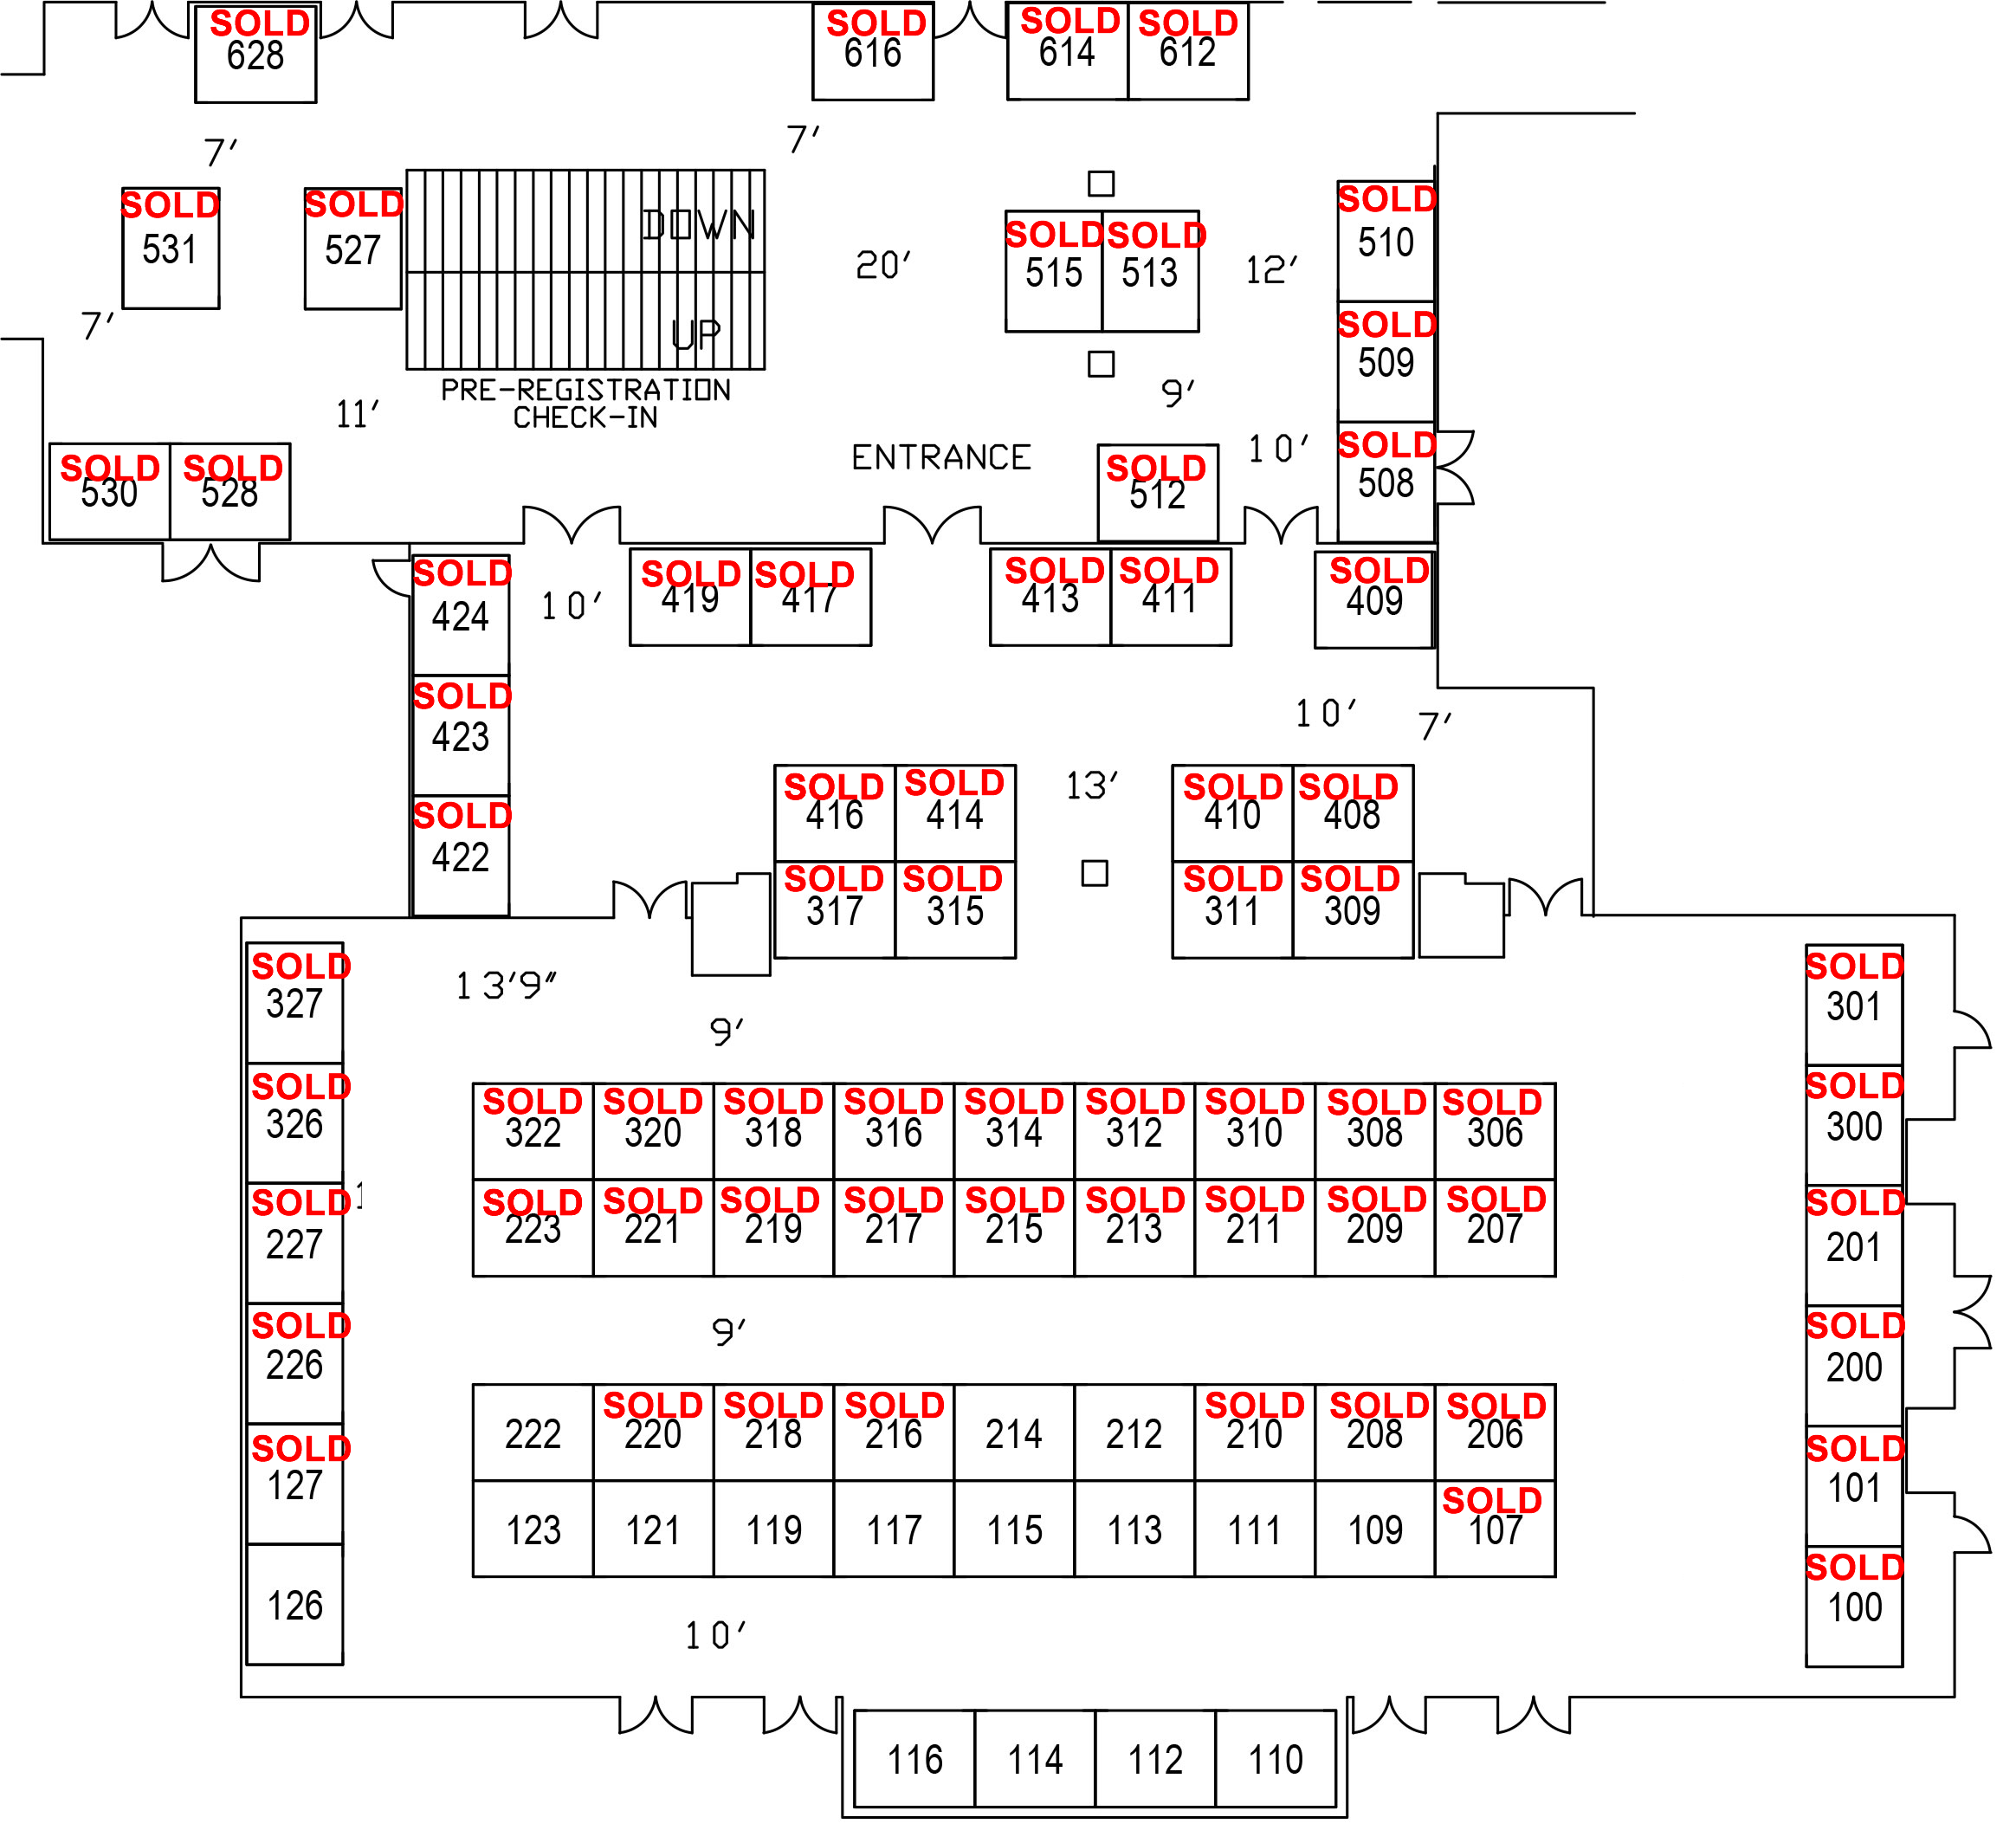 Floorplan at Harveys Sold 102015-2